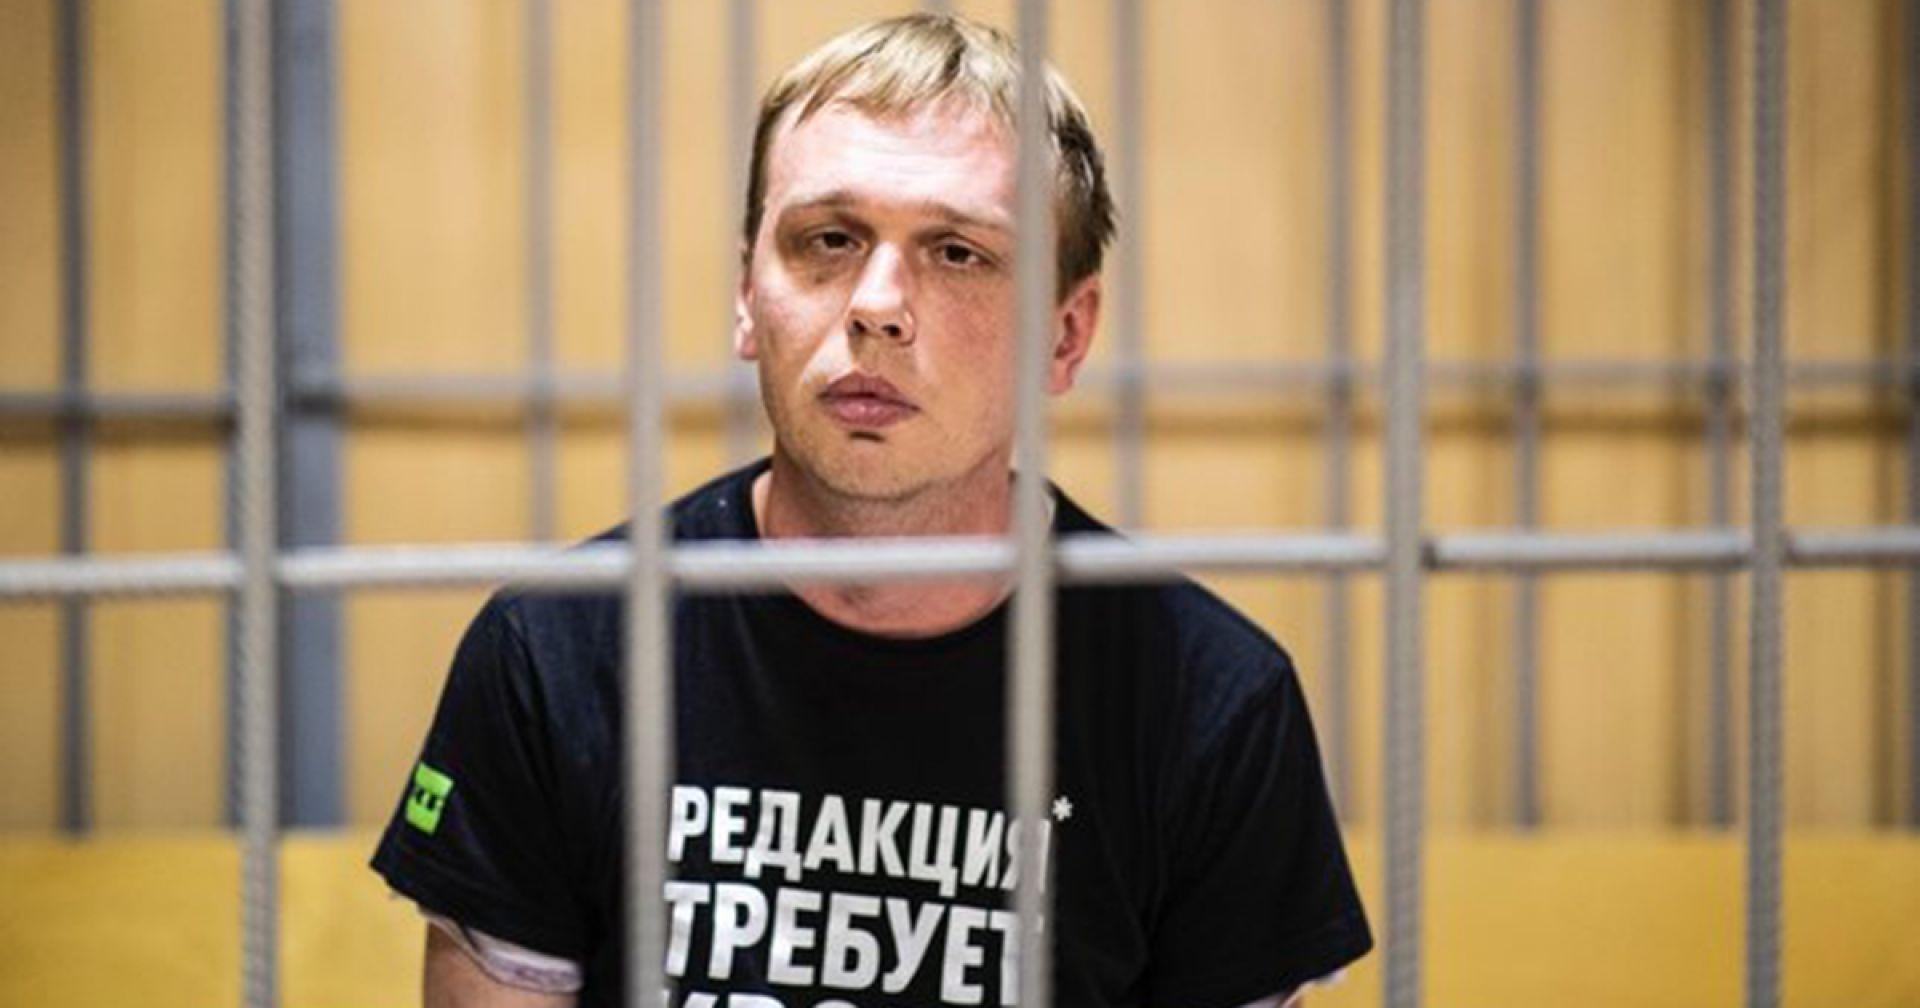 Журналист Иван Голунов задержан